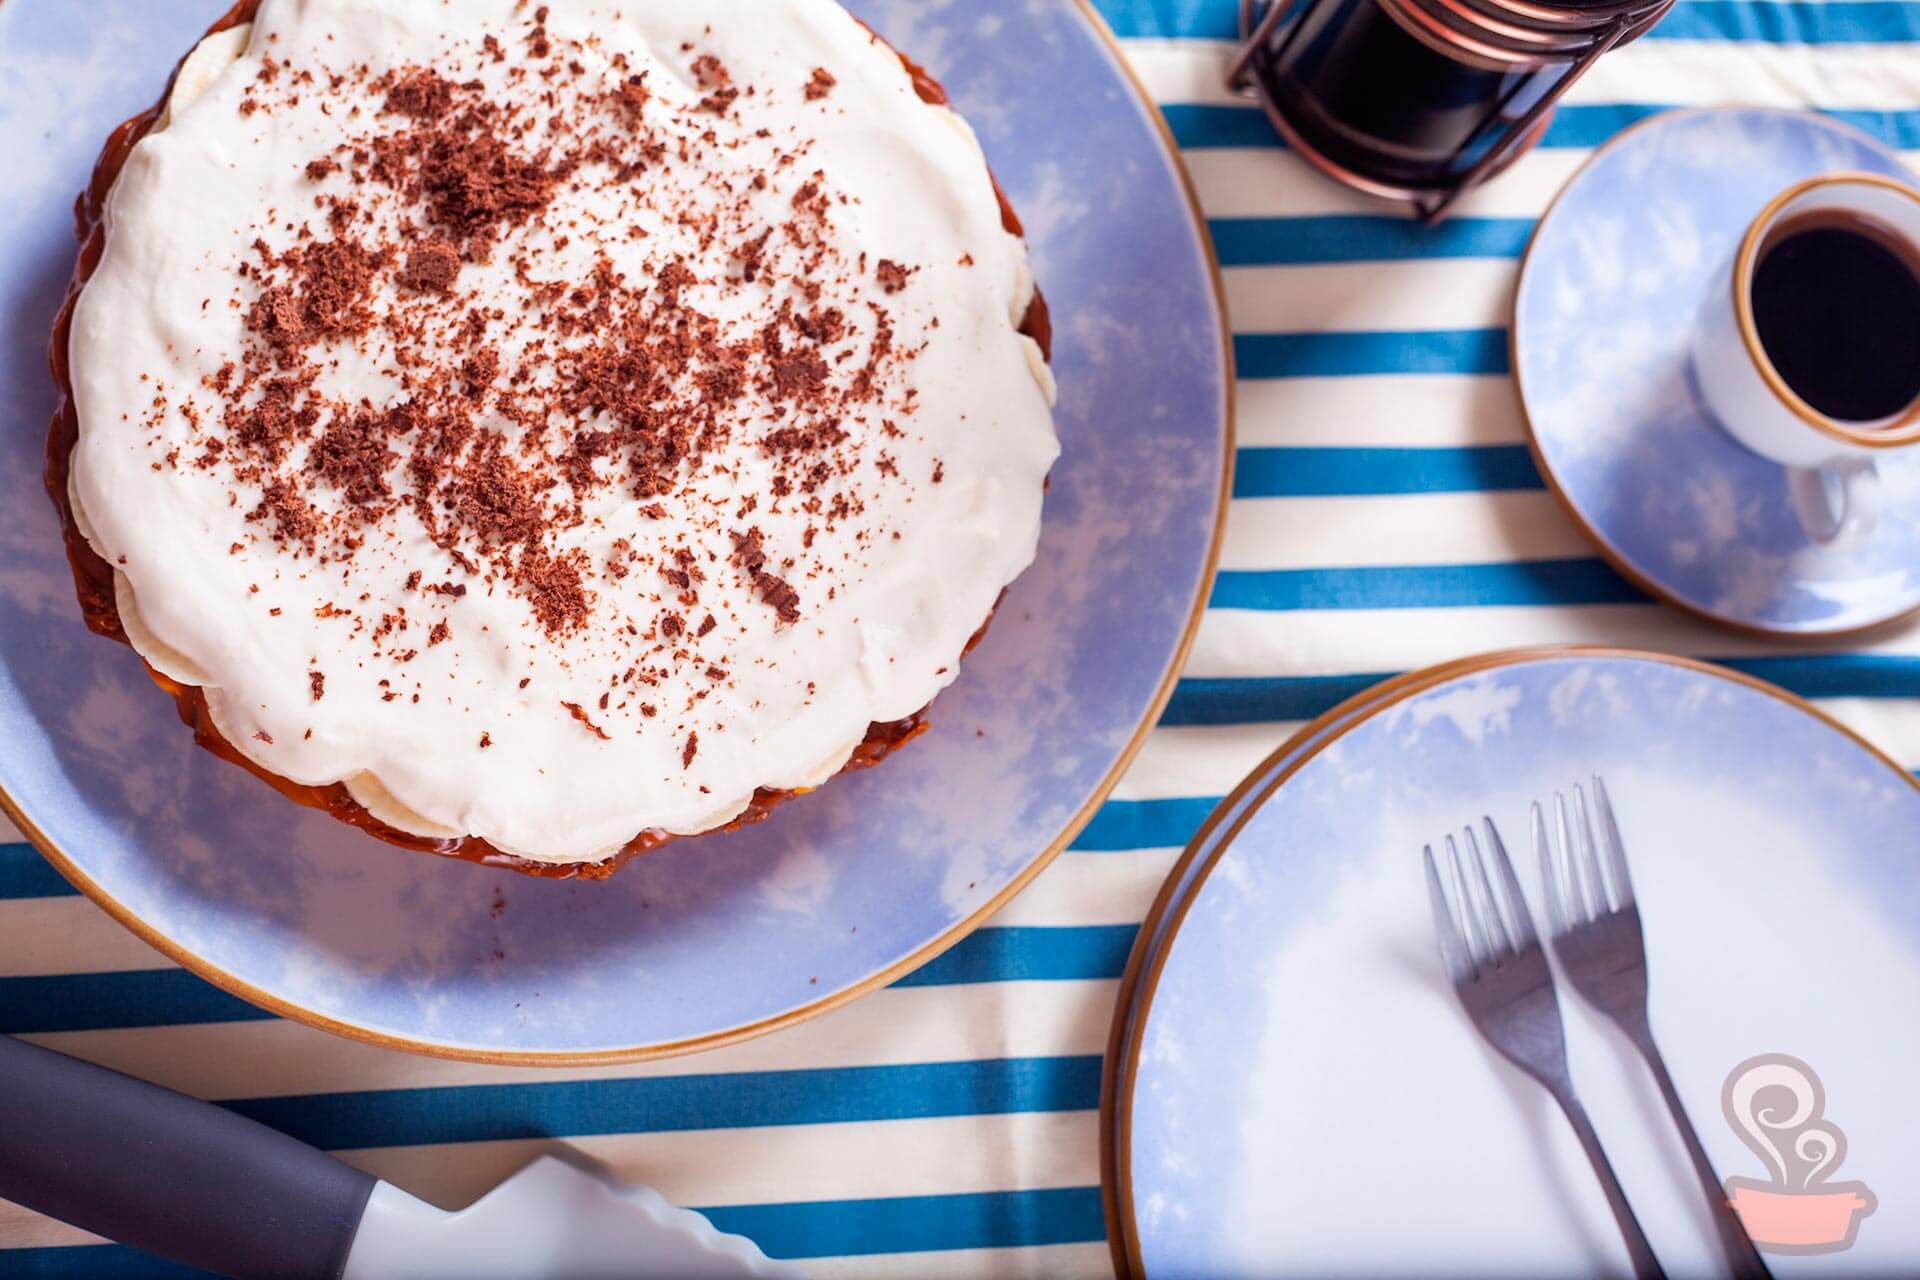 Imagem: O Puxe uma Cadeira te dá uma sugestão de sobremesa perfeita para o Dia das Mães: a torta banoffee. Aqui ela foi servida no prato Coup Celeste, da linha Oxford Porcelanas. Foto: Na Minha Panela.